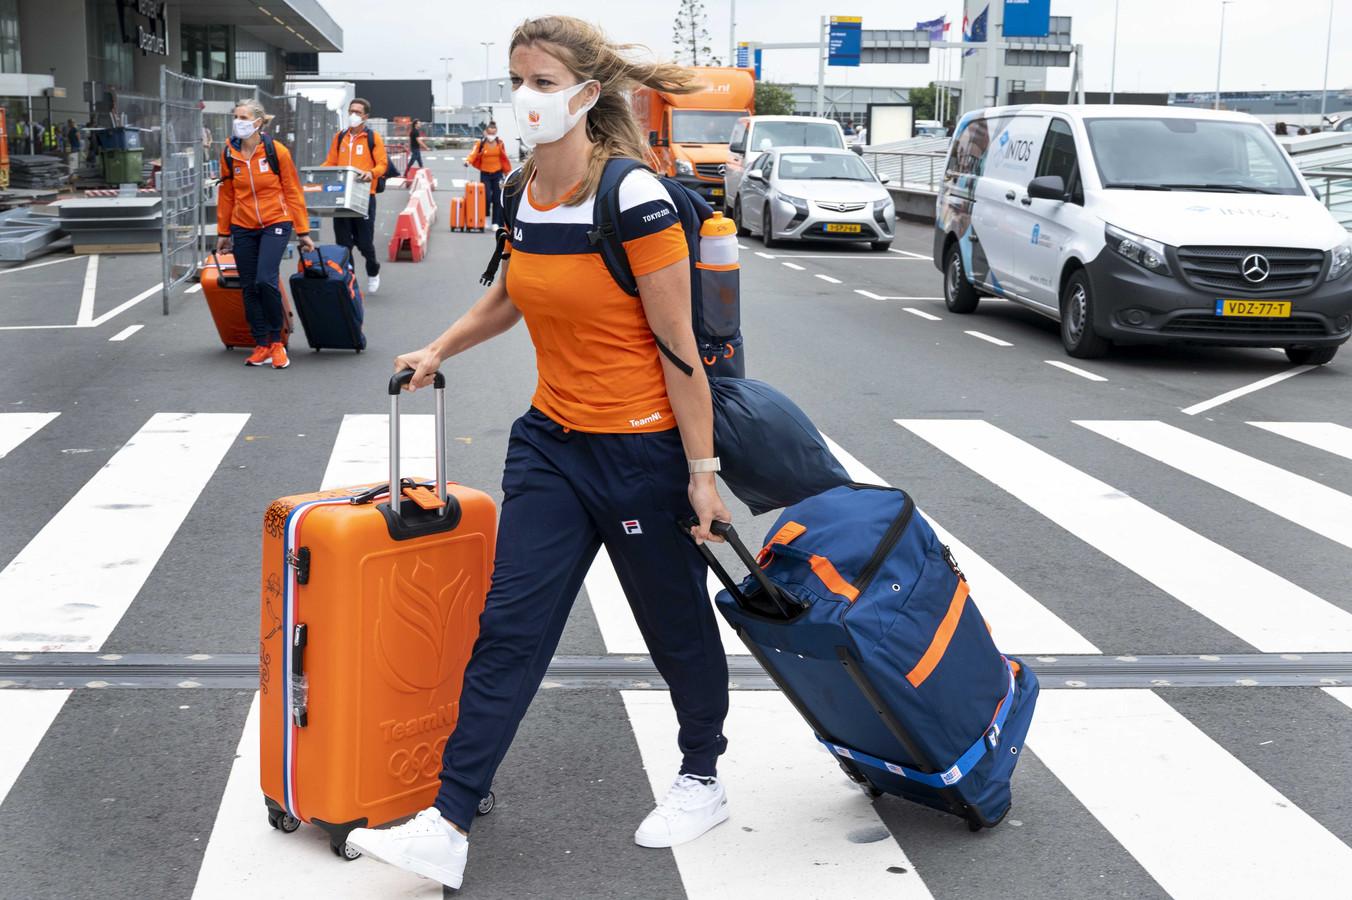 Dafne Schippers bij de vertrekhal van Schiphol. Een gedeelte van de Nederlandse atletiekploeg en de turnvrouwen vliegt naar Tokio om deel te nemen aan de Olympische Spelen.